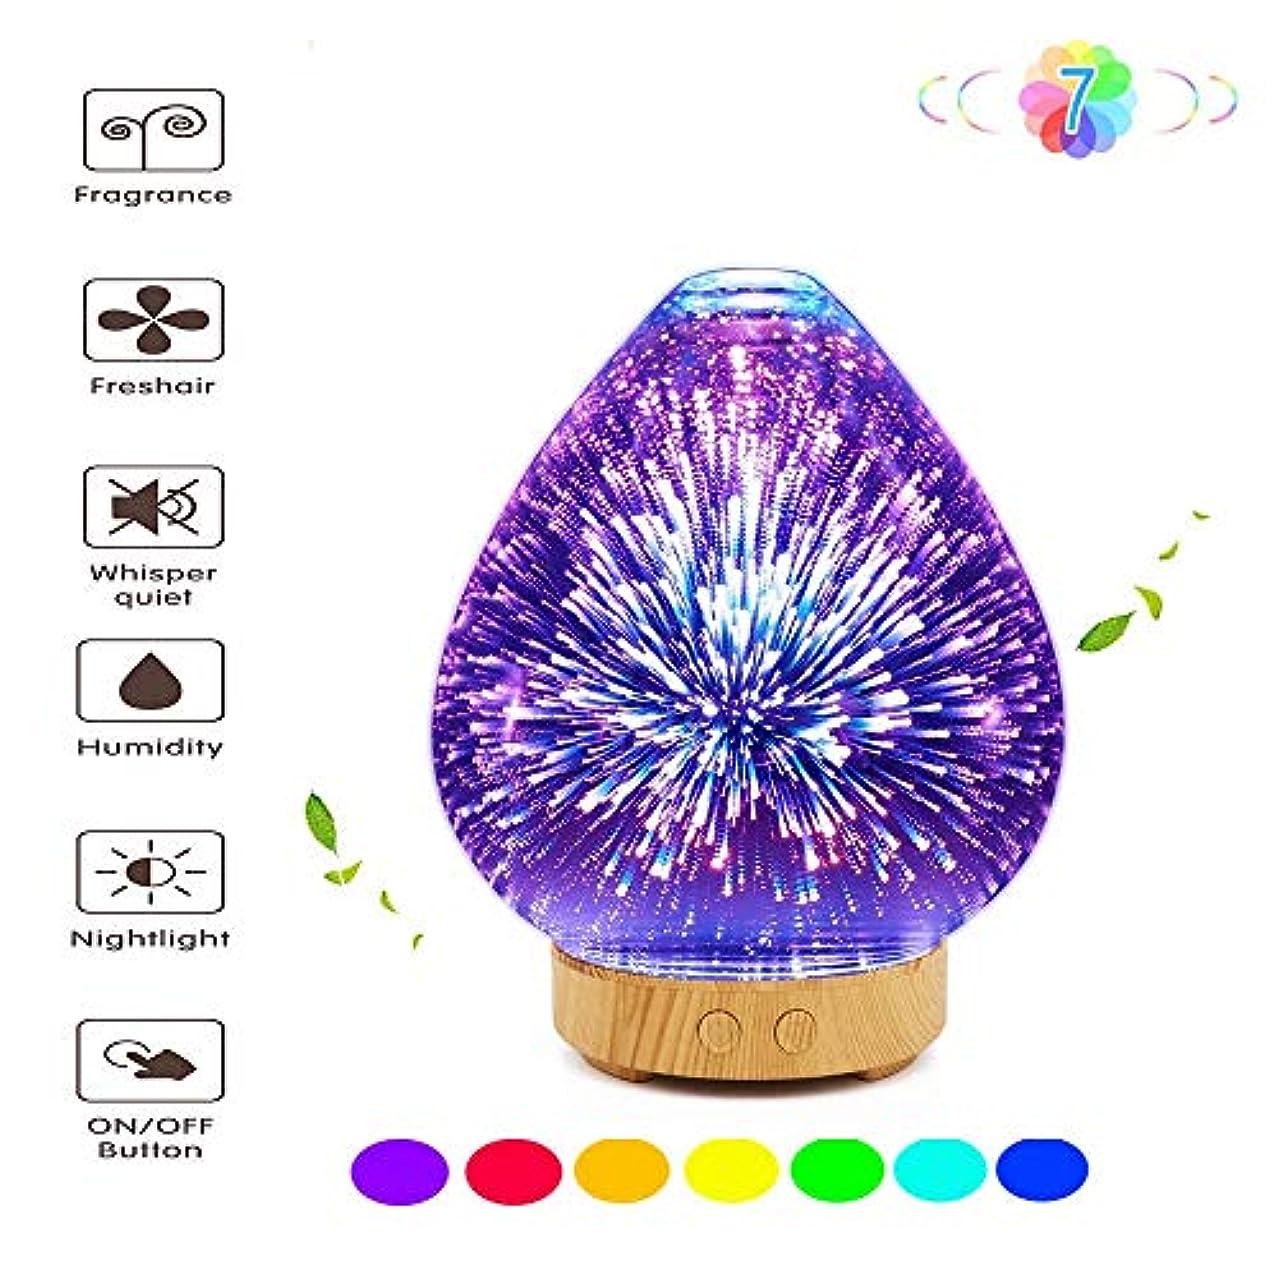 カーテンスライス文字3Dガラスアロマエッセンシャルオイルディフューザー、超音波加湿器、魅力的な7色の変更LEDナイトライト - ウォーターレス自動シャットダウン - ホームベッドルームSPa